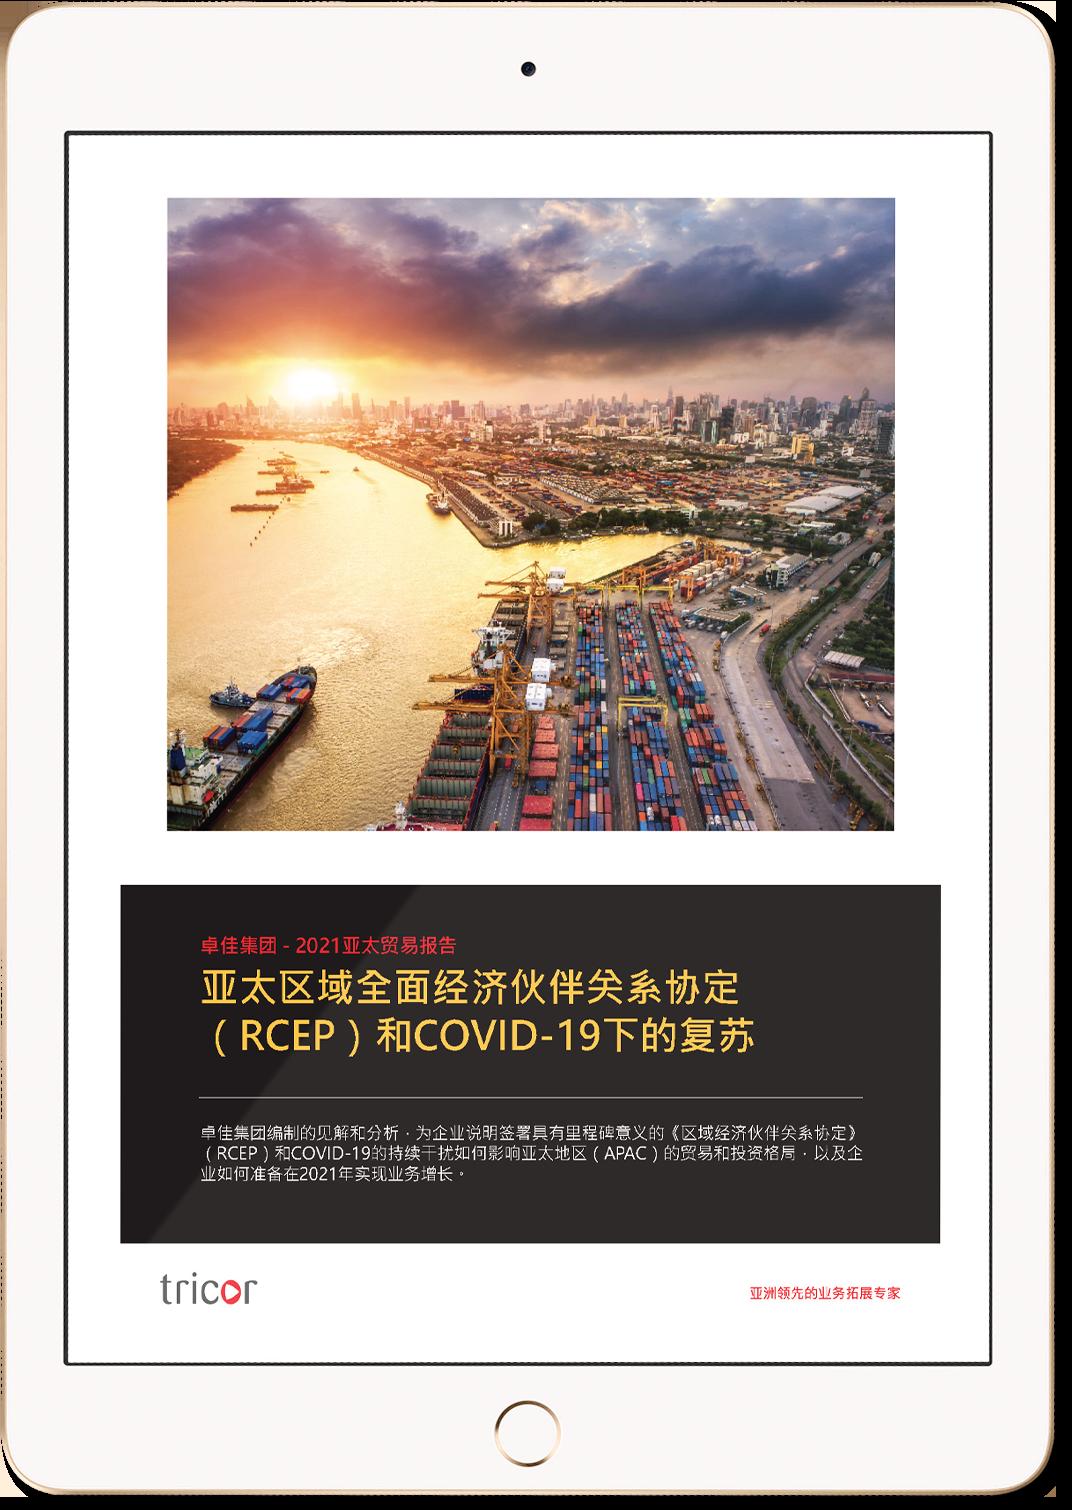 亚太区域全面经济伙伴关系协定(RCEP)和COVID-19下的复苏